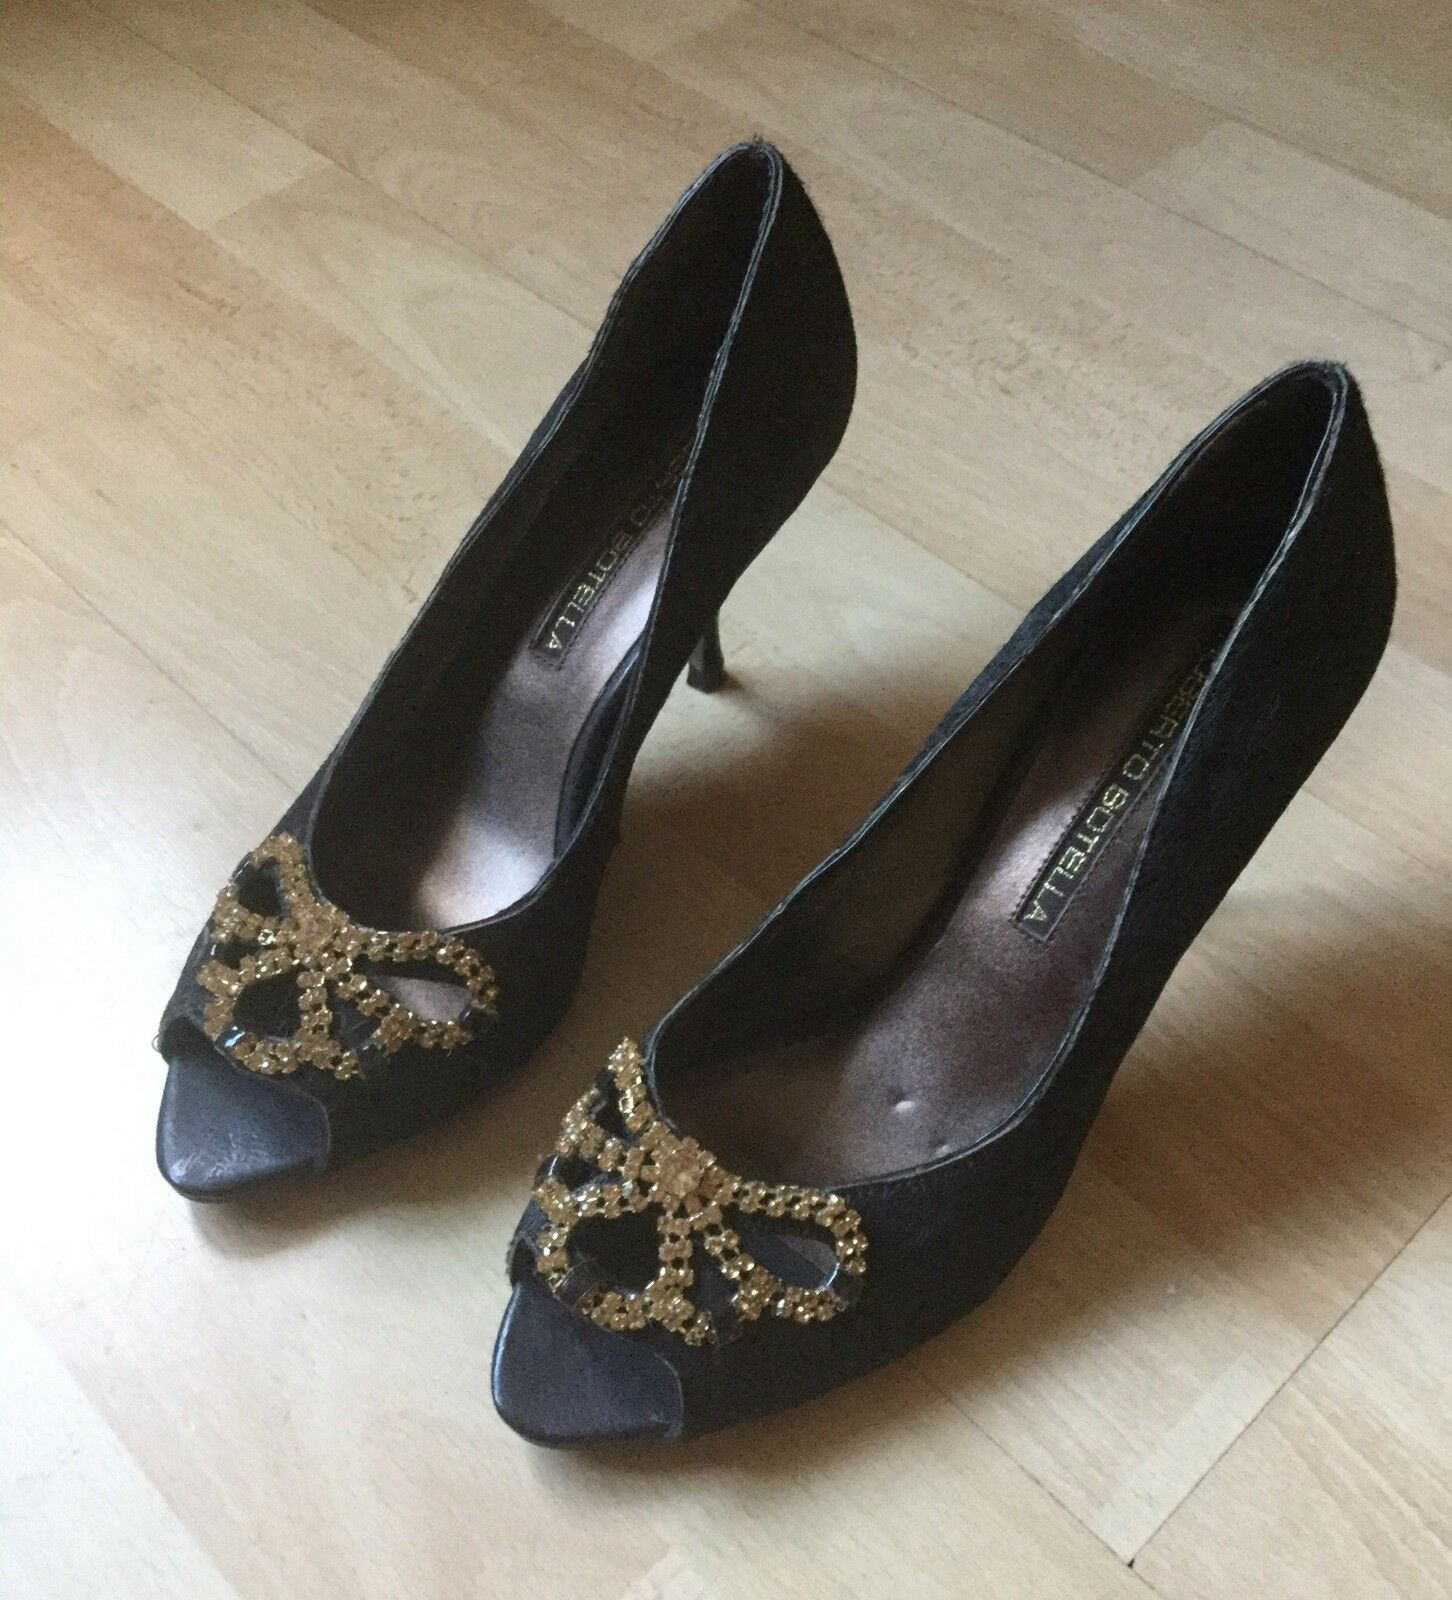 Designer Schuhes By By By Roberto Botella Größe UK 6 Euro 39 Braun Ponyskin Brand New d37925